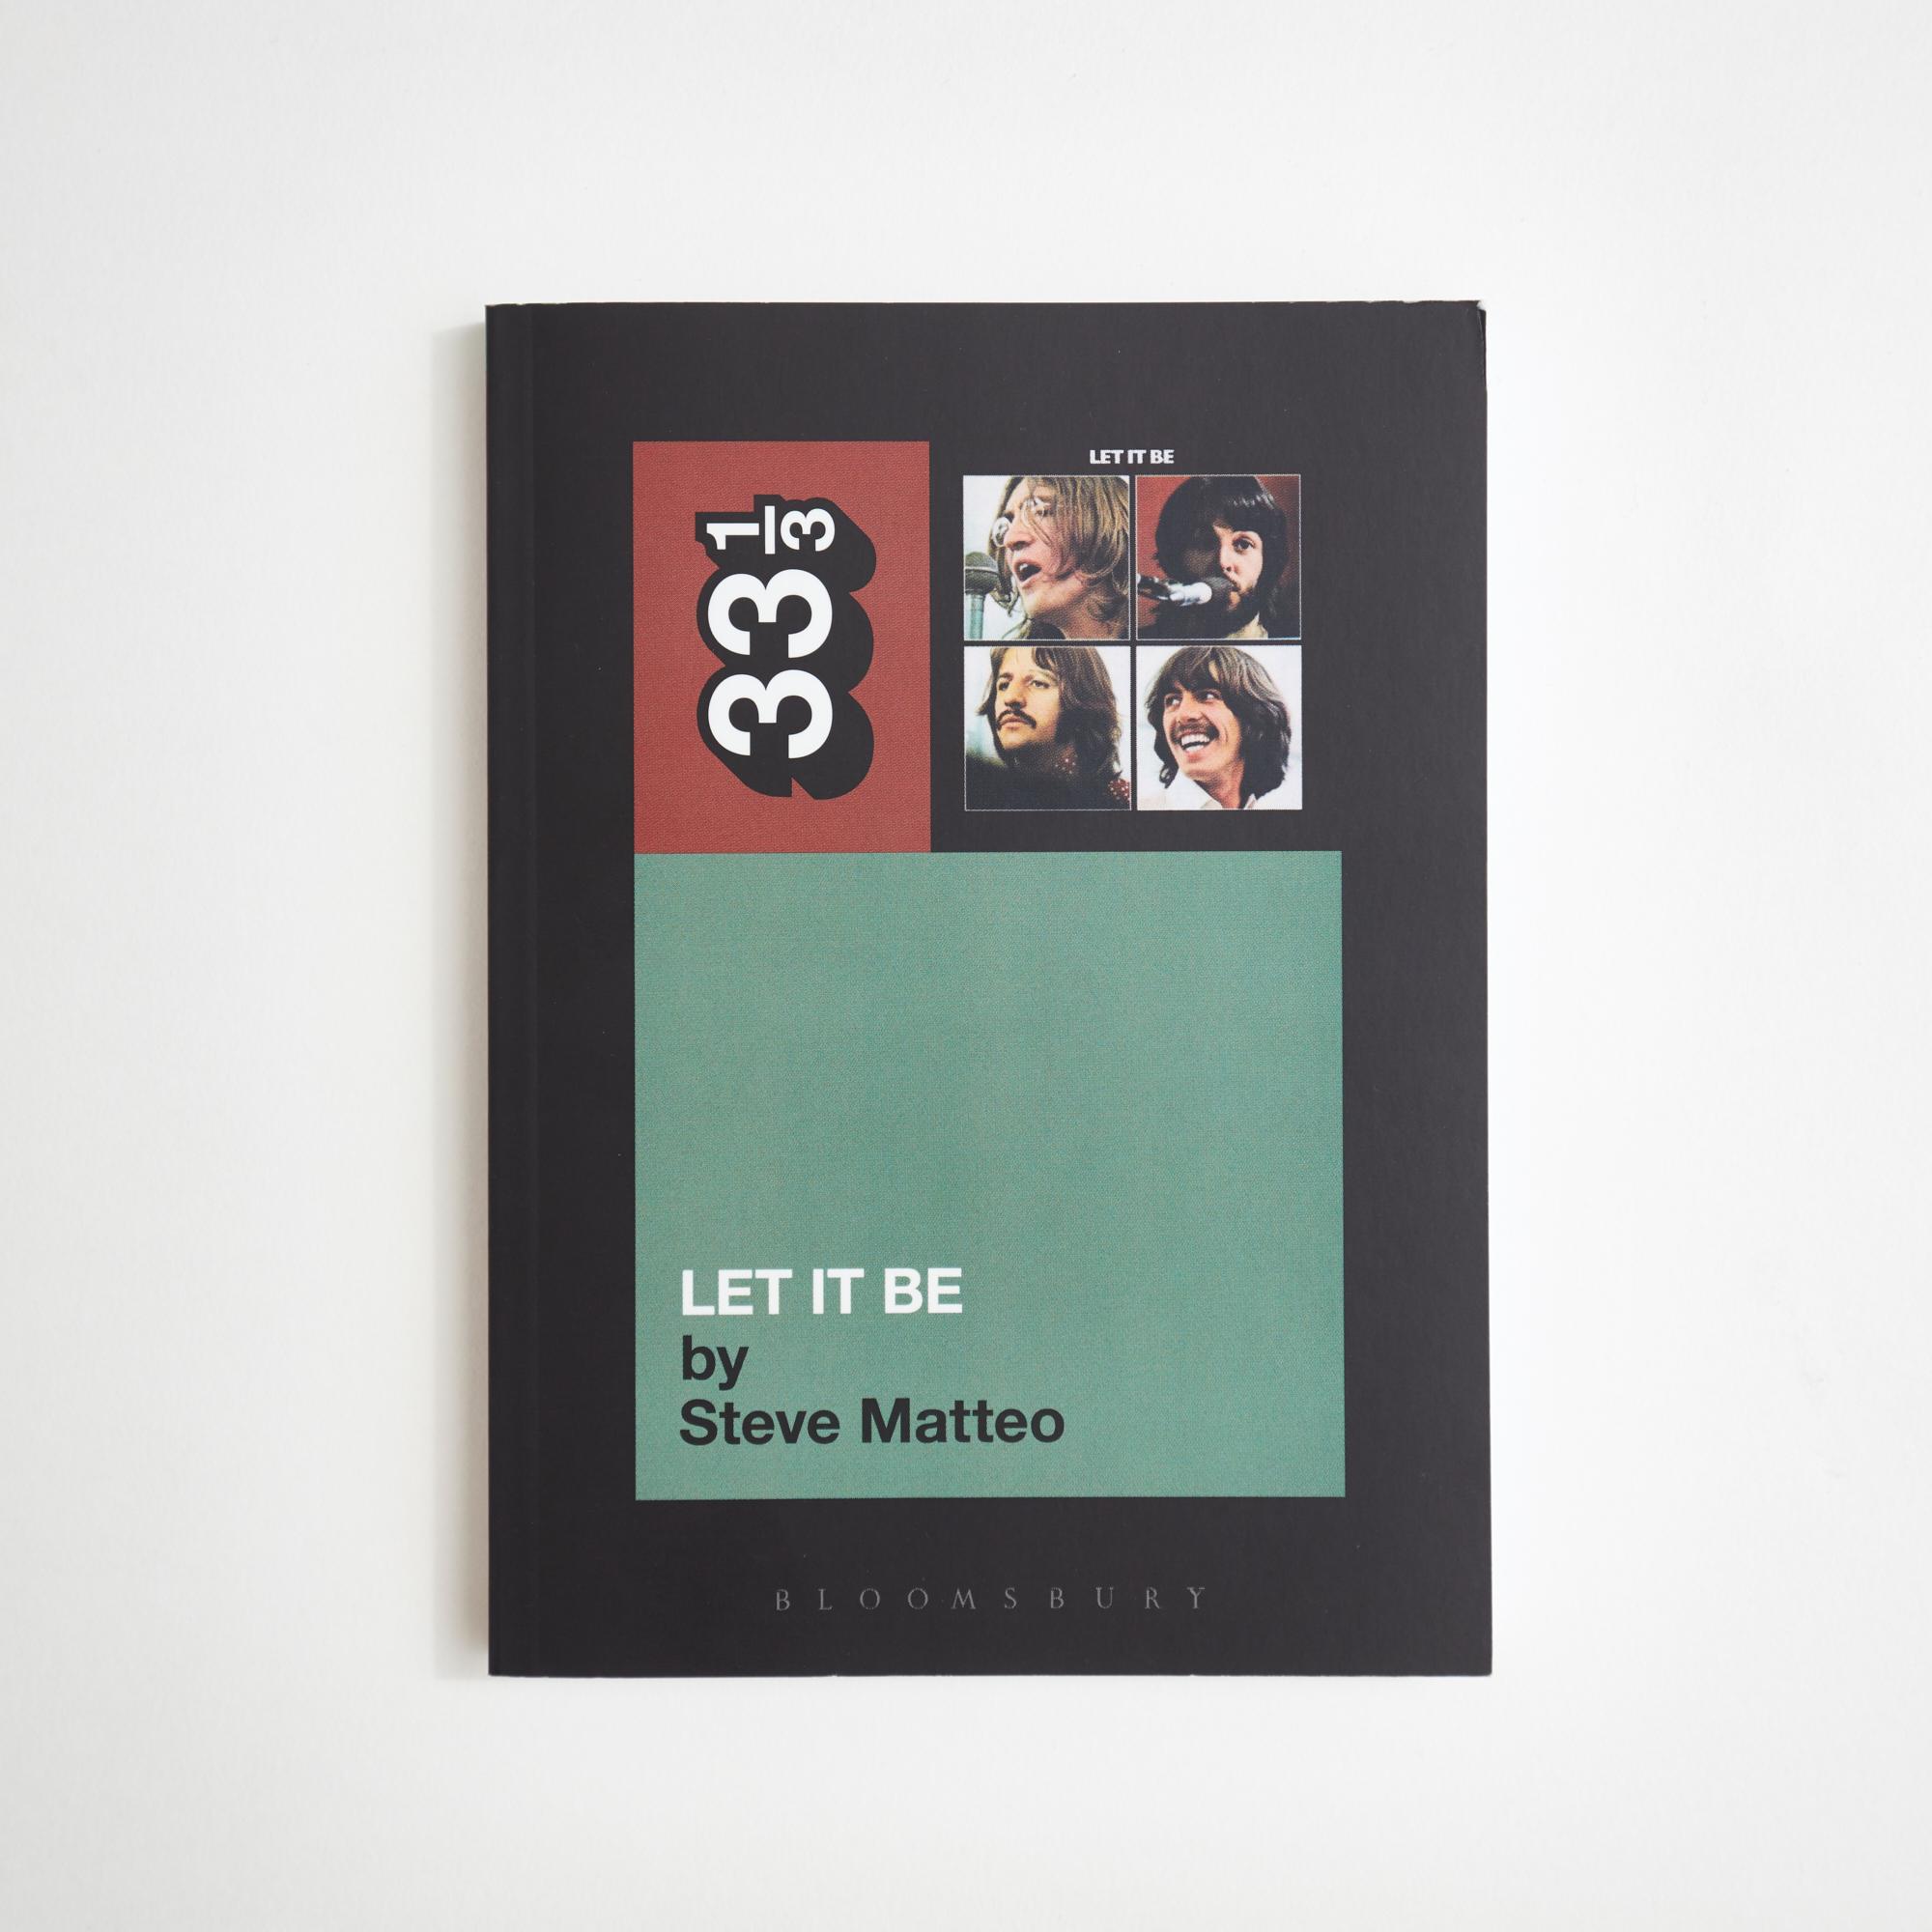 Let It Be - Steve Matteo